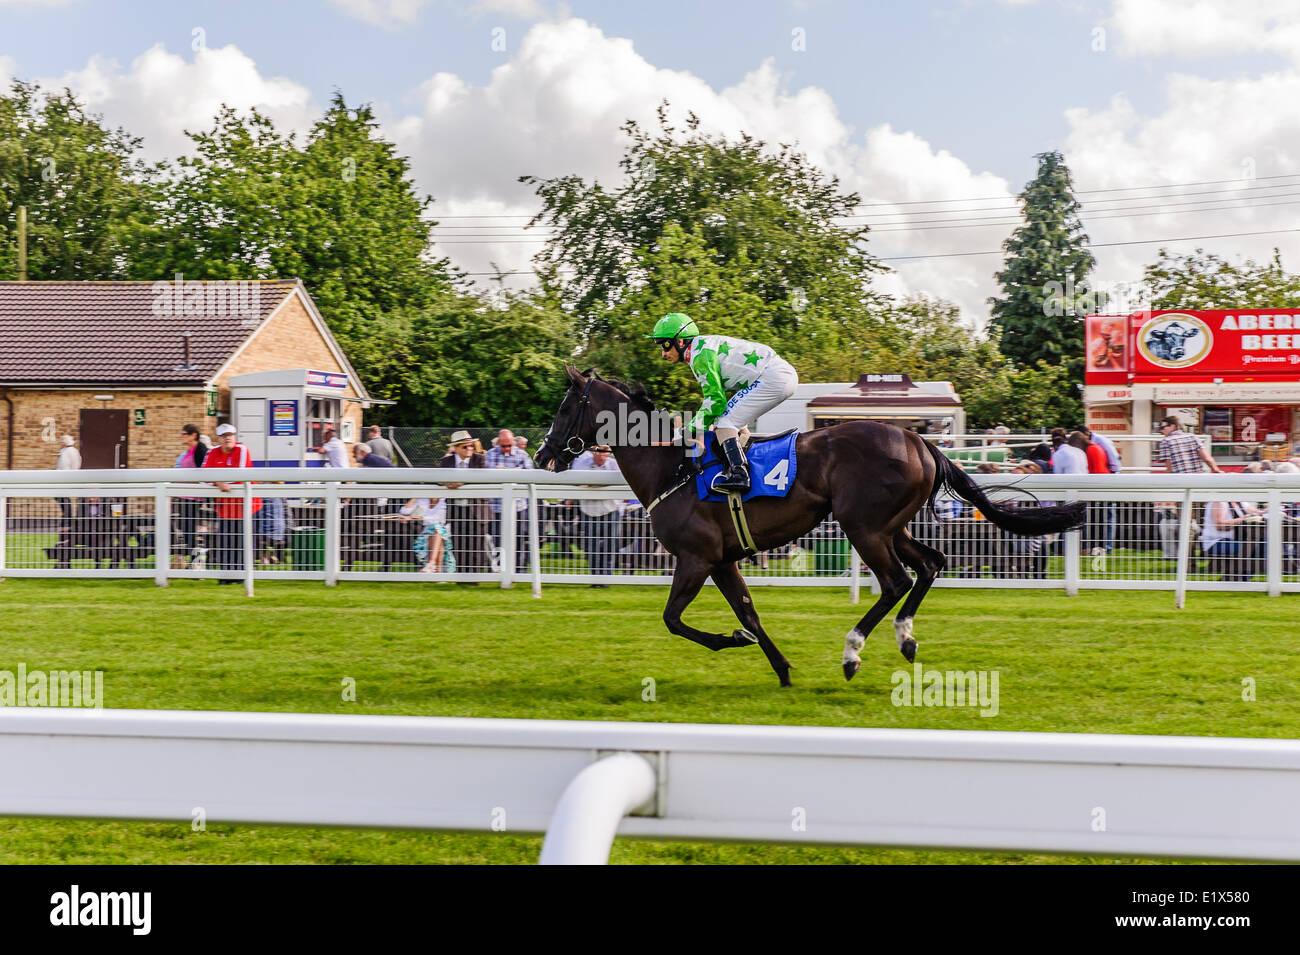 Salisbury Hipódromo es un hipódromo plana en el Reino Unido, con carreras de caballos, 3 millas al sudoeste Imagen De Stock